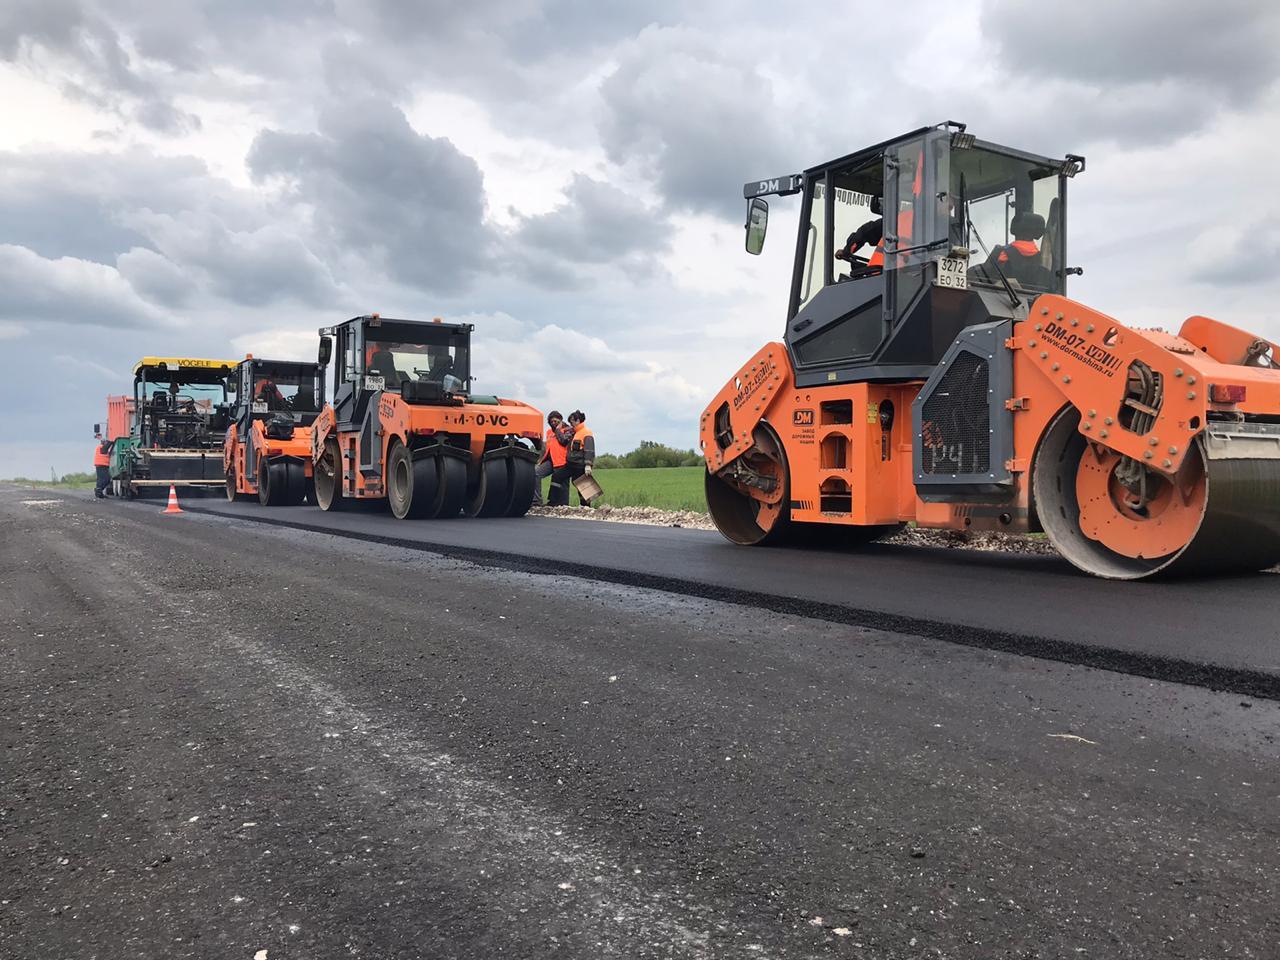 Идет ремонт автодороги в Жирятинском районе на Брянщине